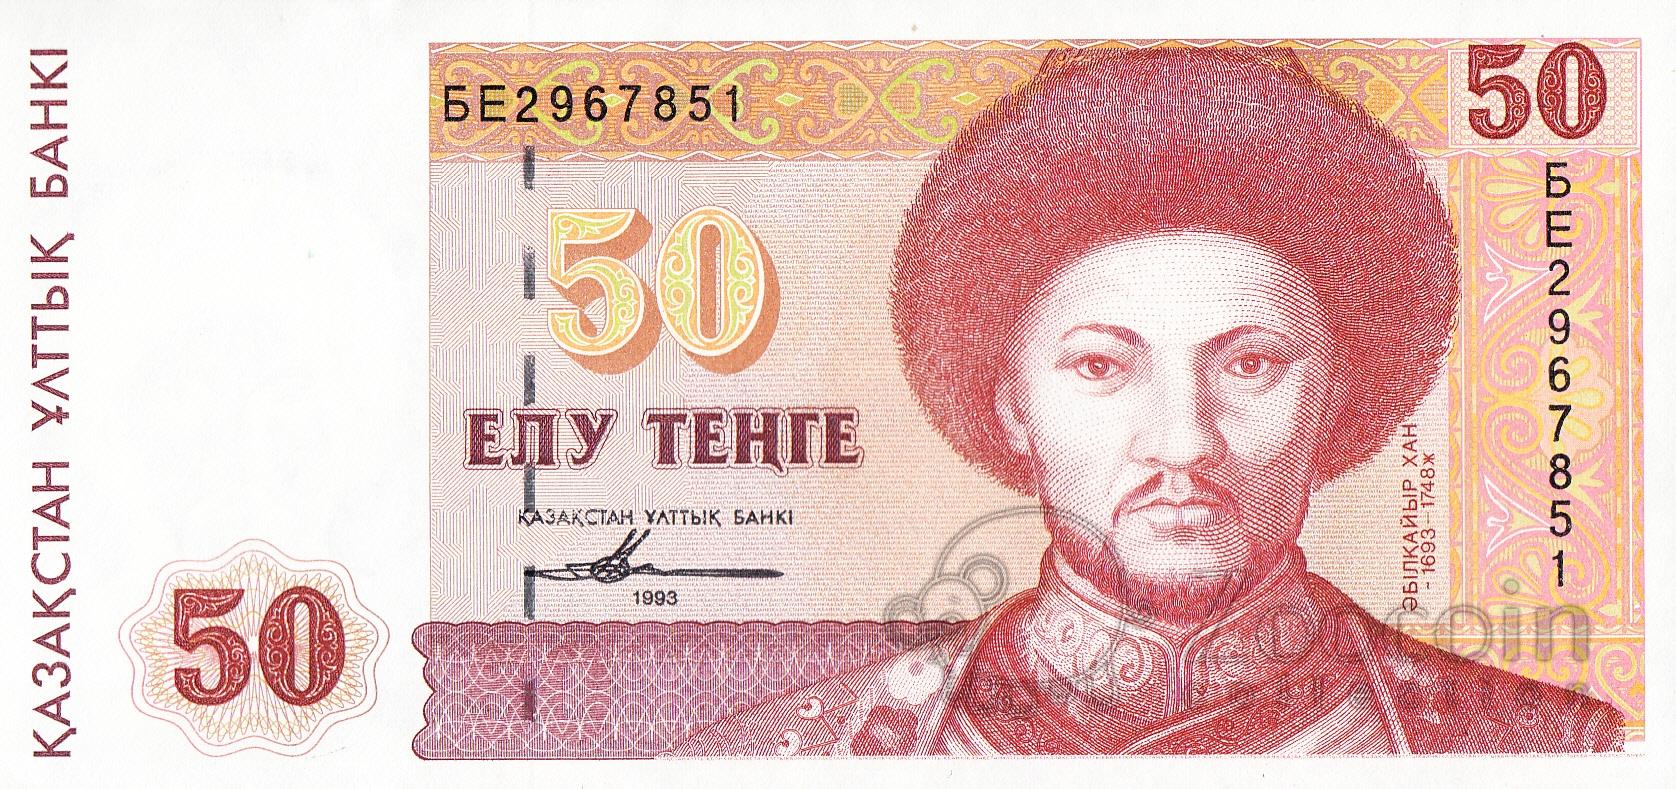 3 тенге казахстана 1993 г